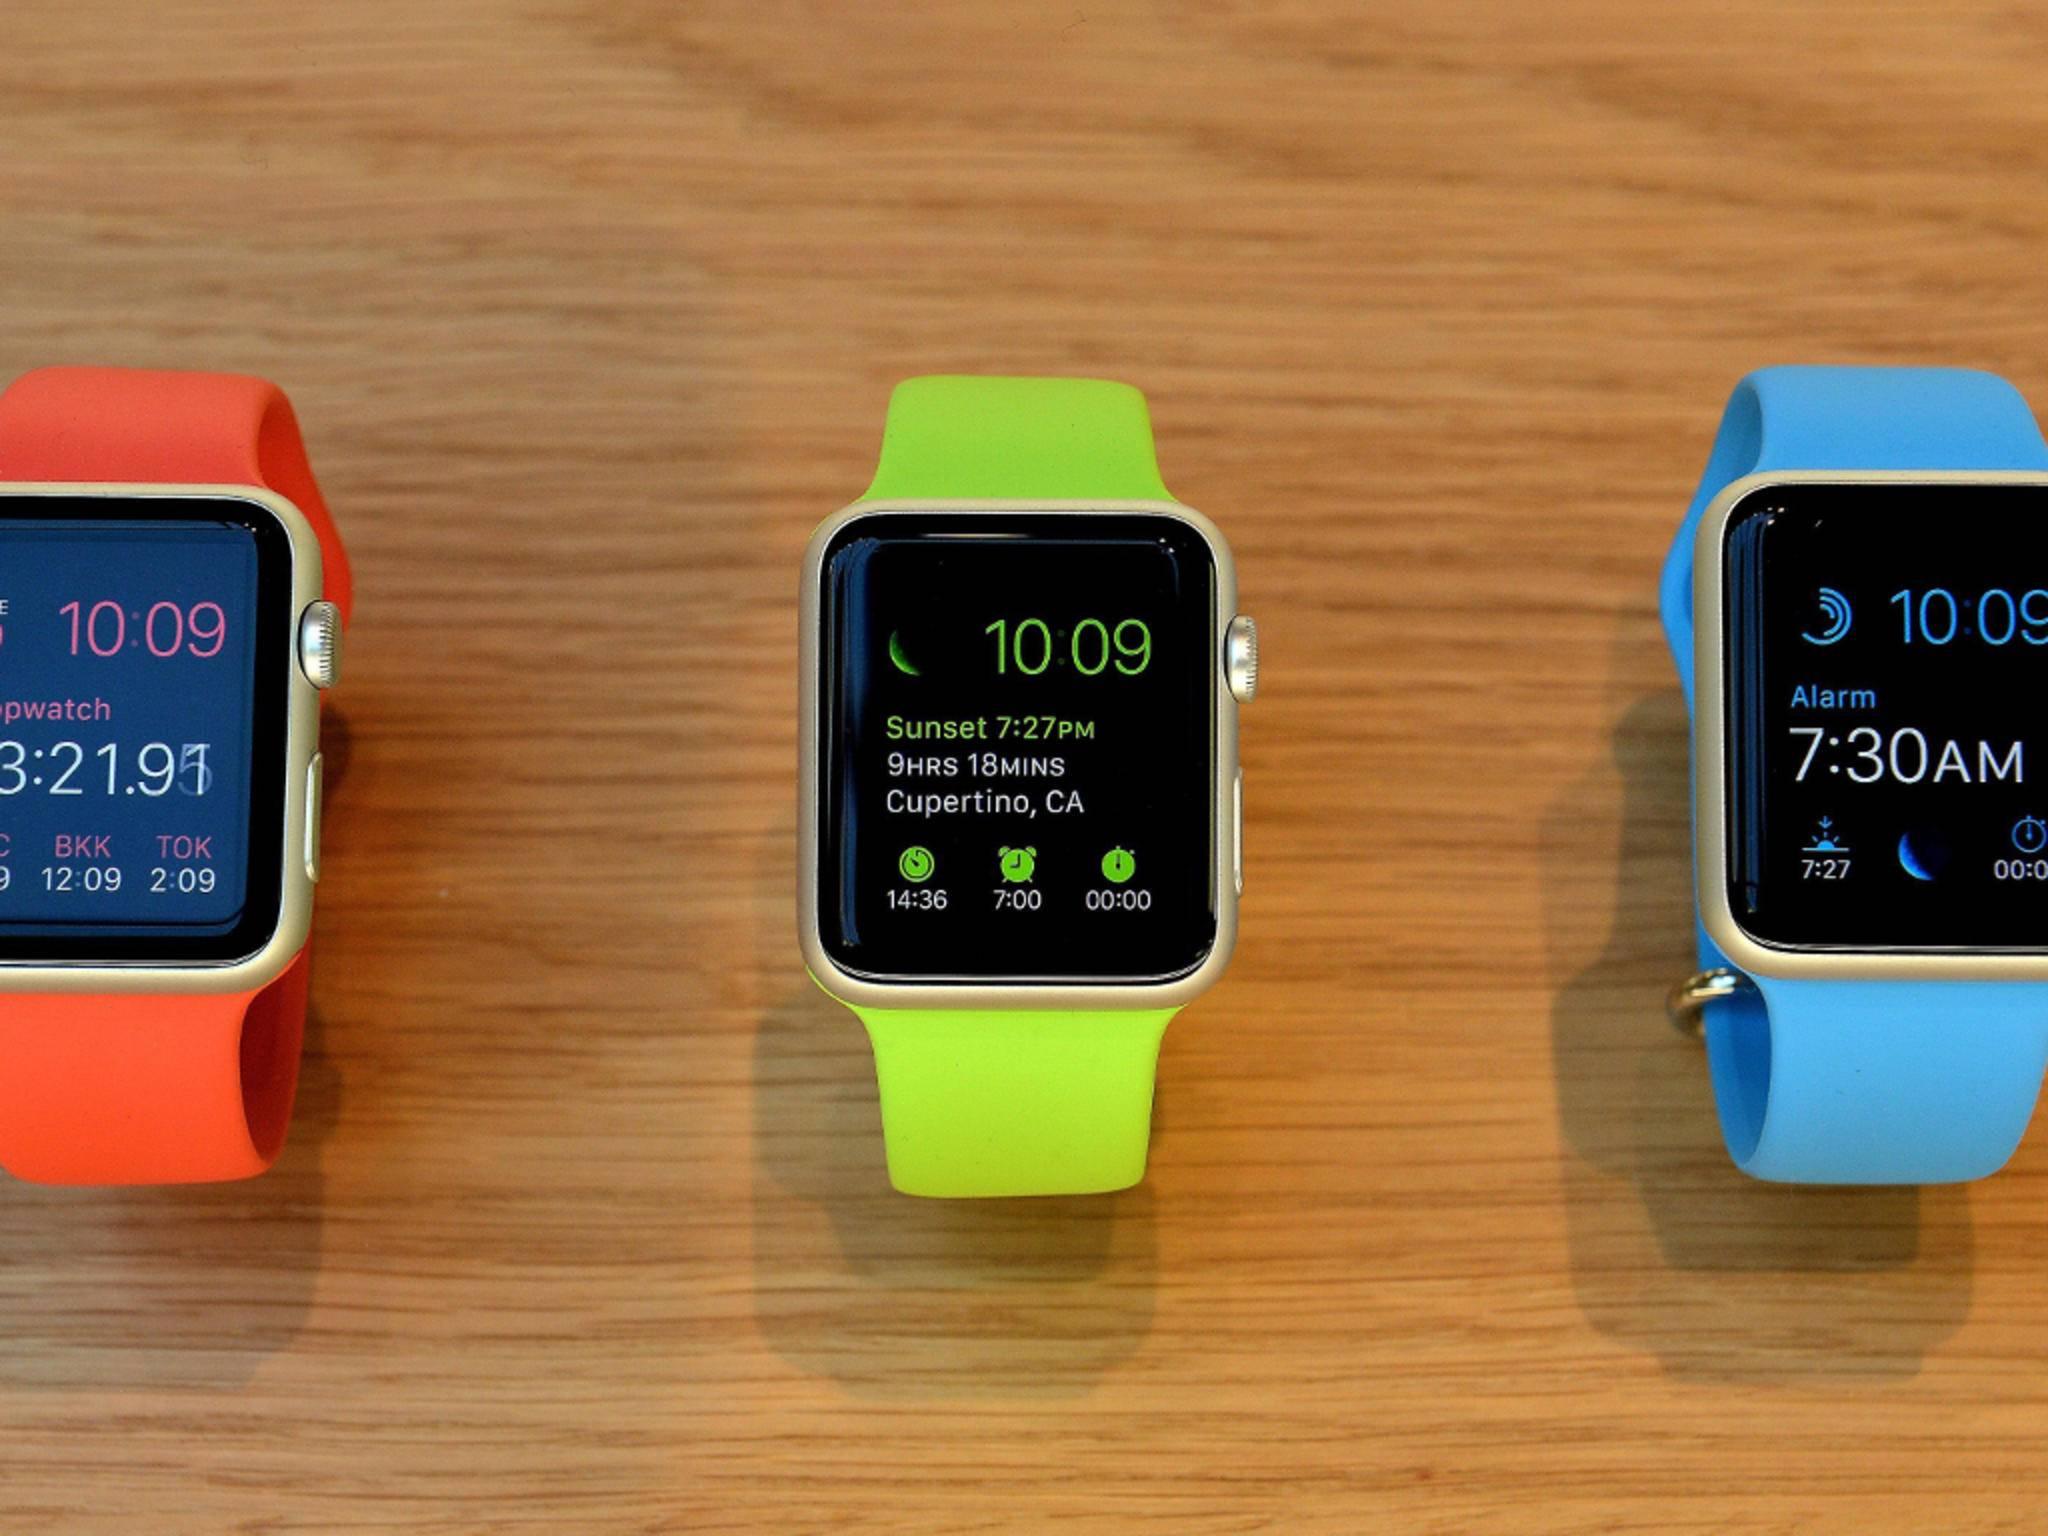 Der kleine Vibrationsmotor der Apple Watch bereitet anscheinend Probleme.